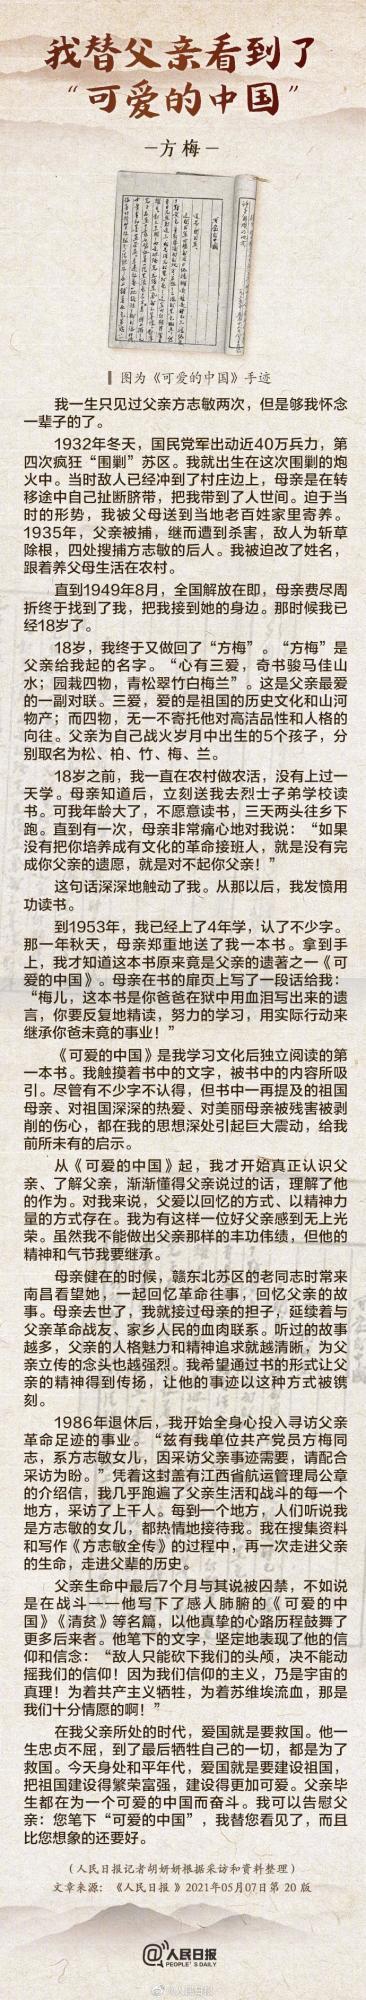 方志敏烈士女儿人民日报刊文:我替父亲看到了可爱的中国